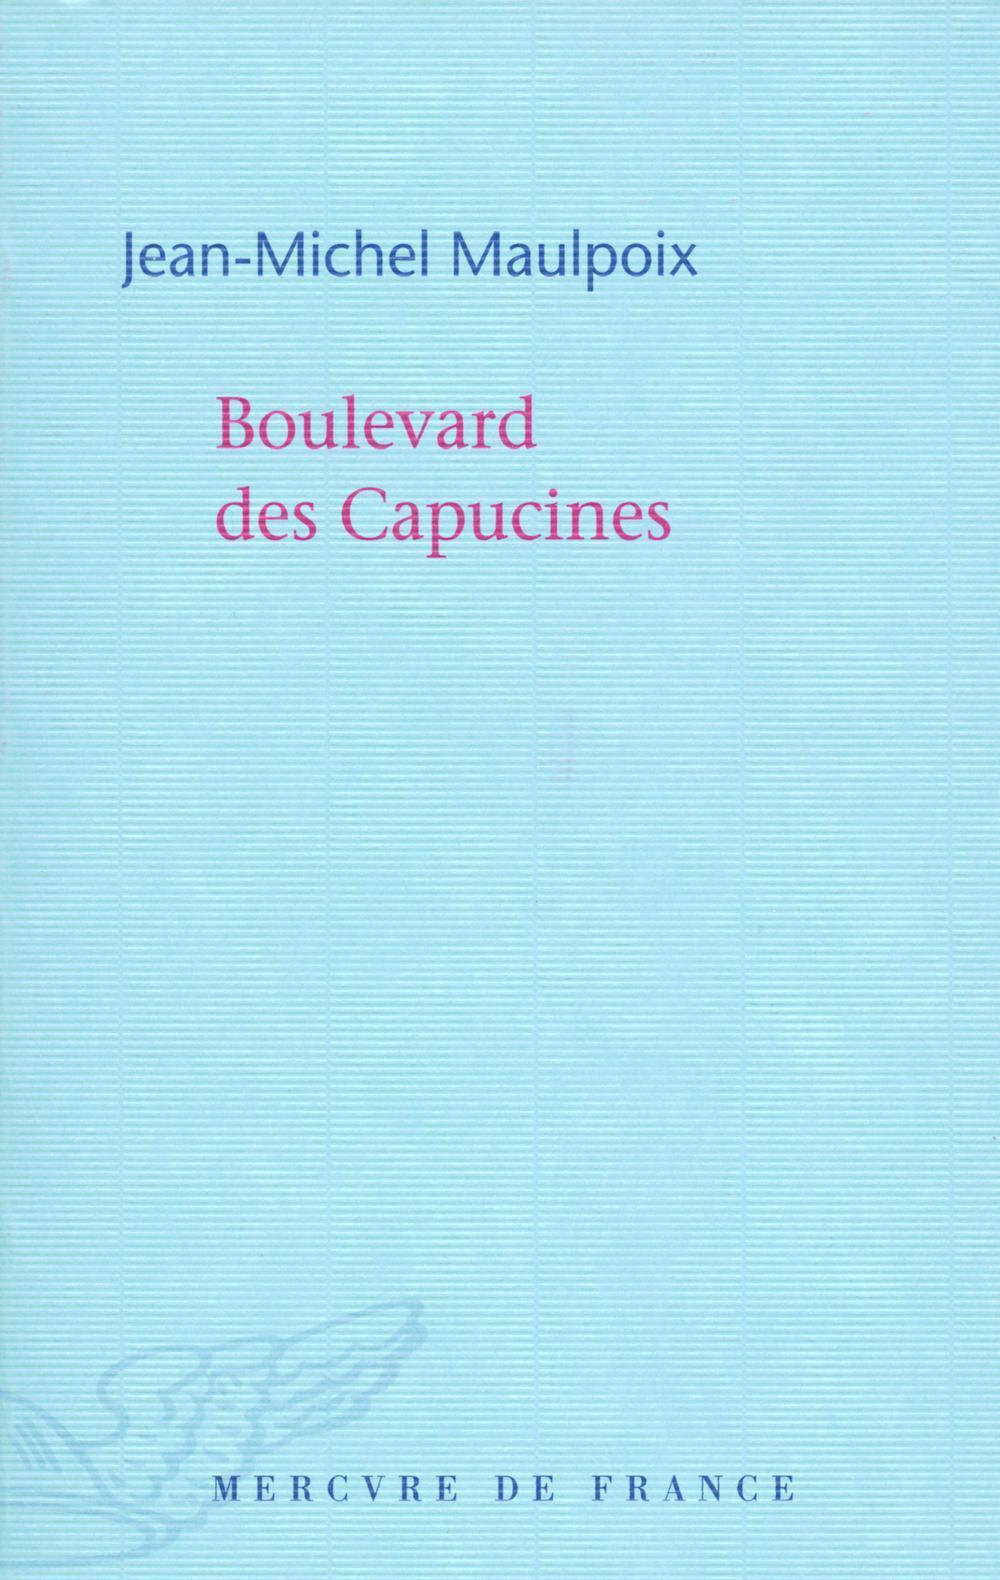 Boulevard des Capucines